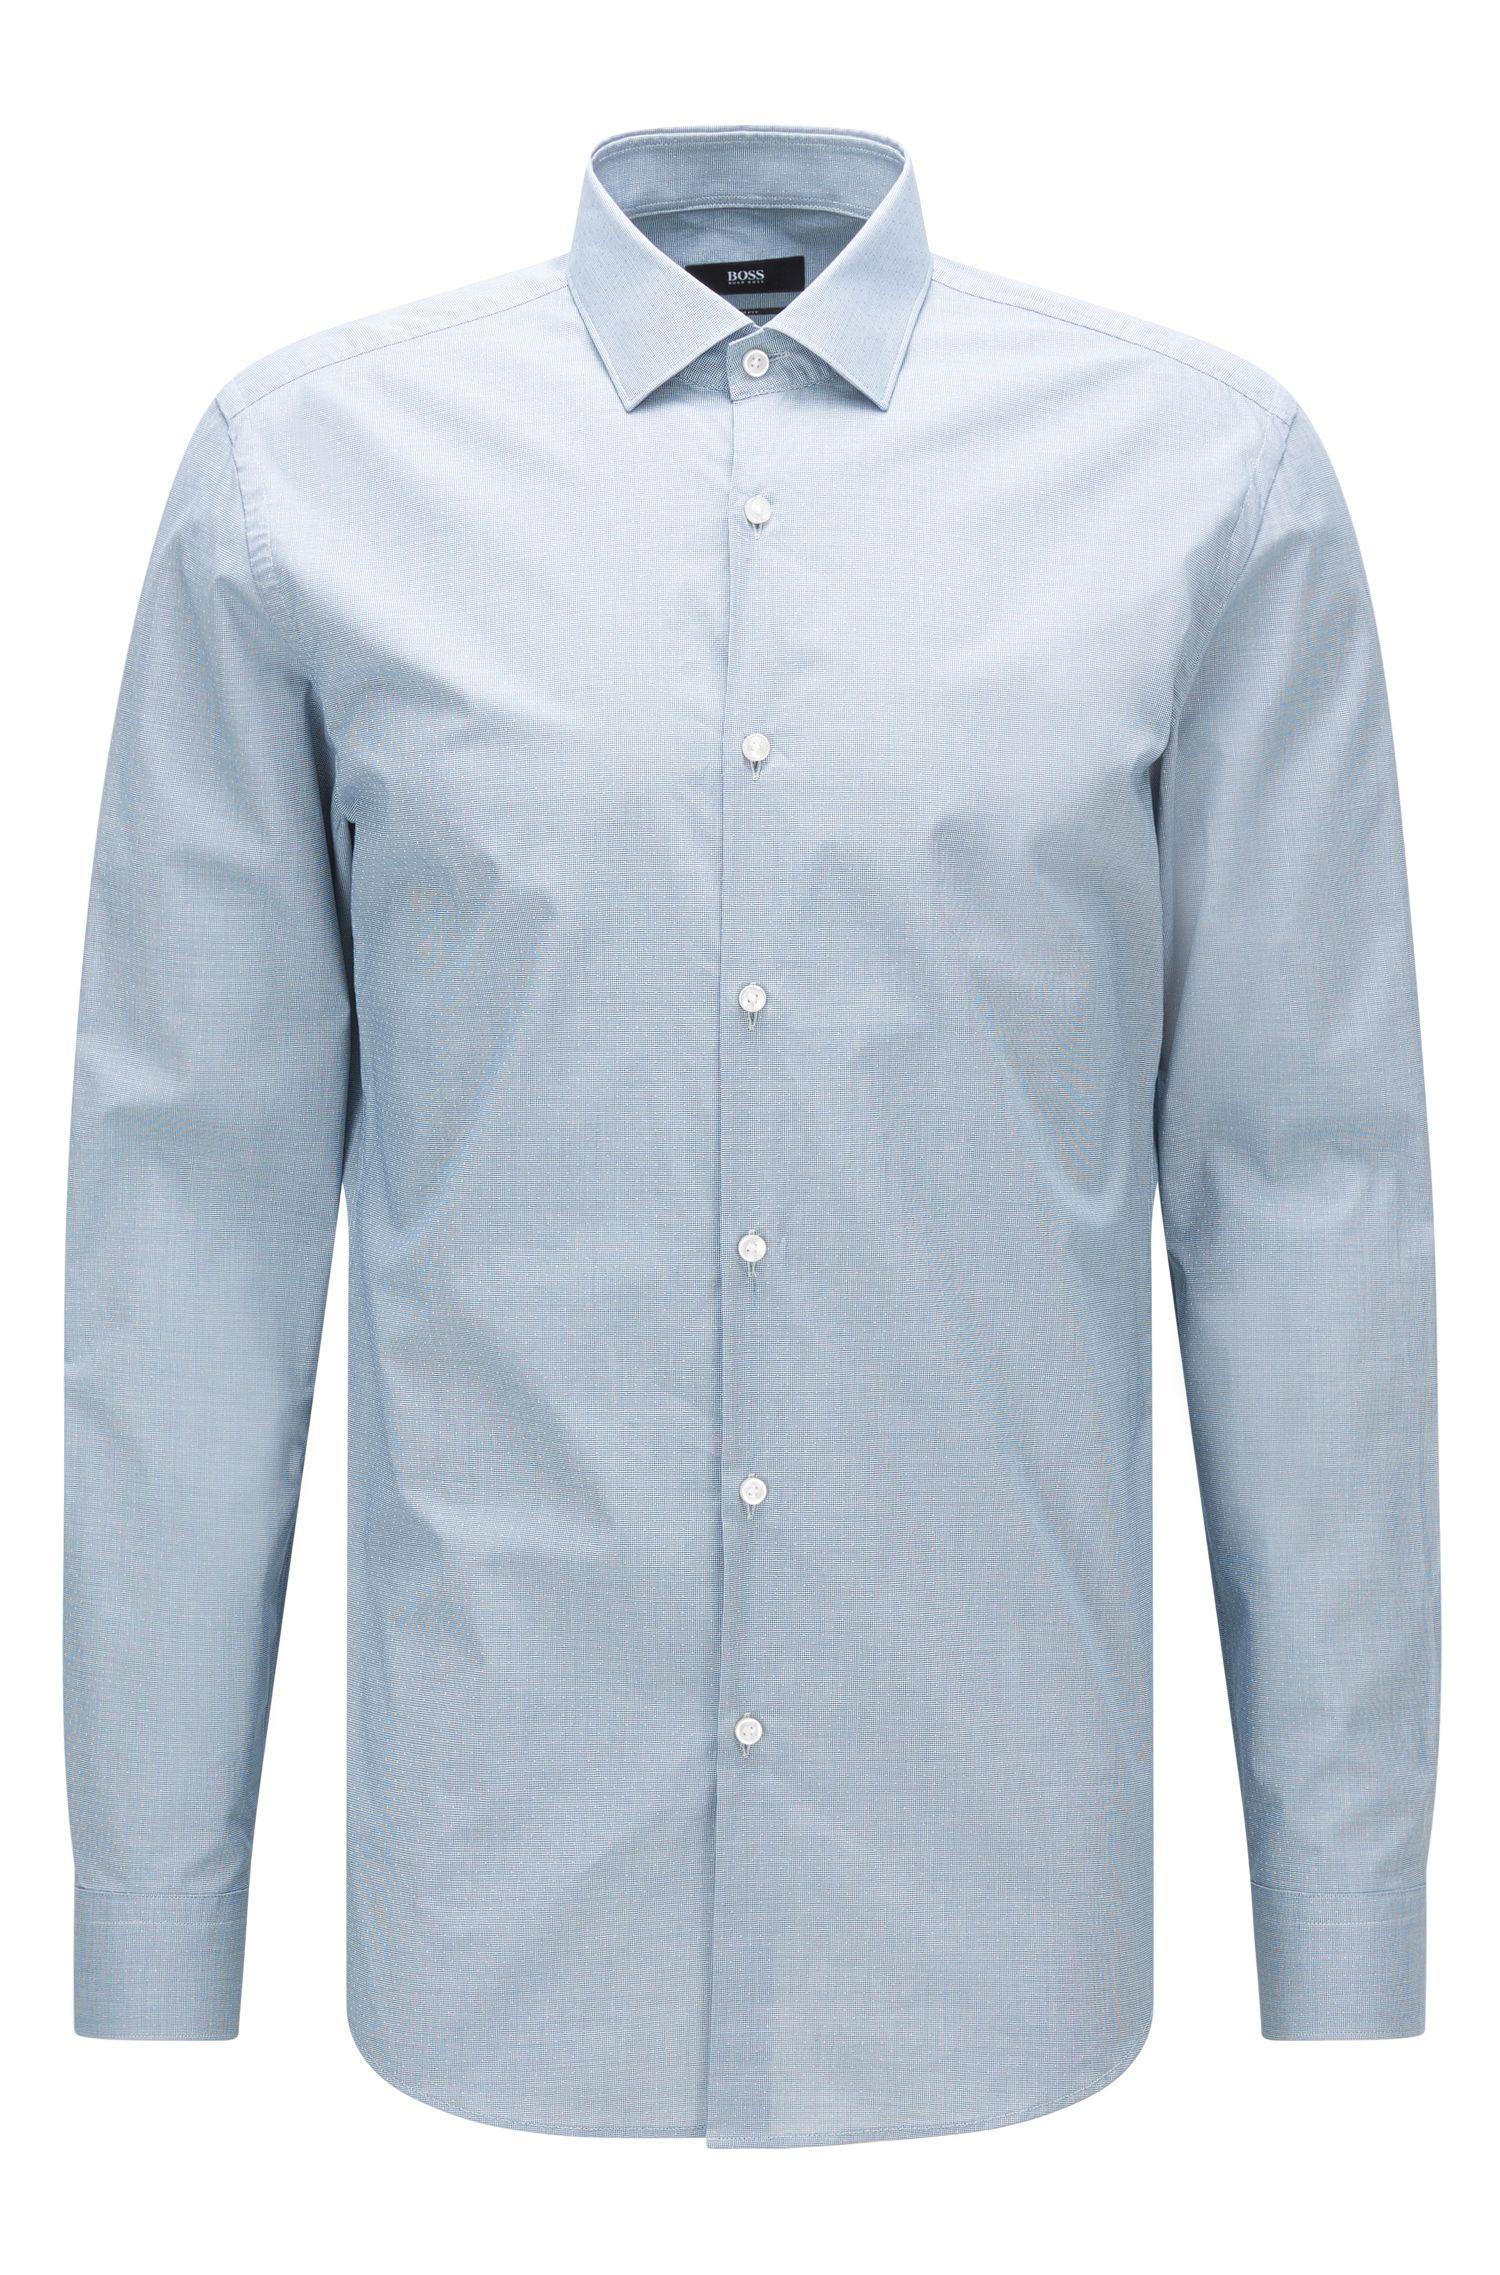 Camicia slim fit in cotone con microdisegno